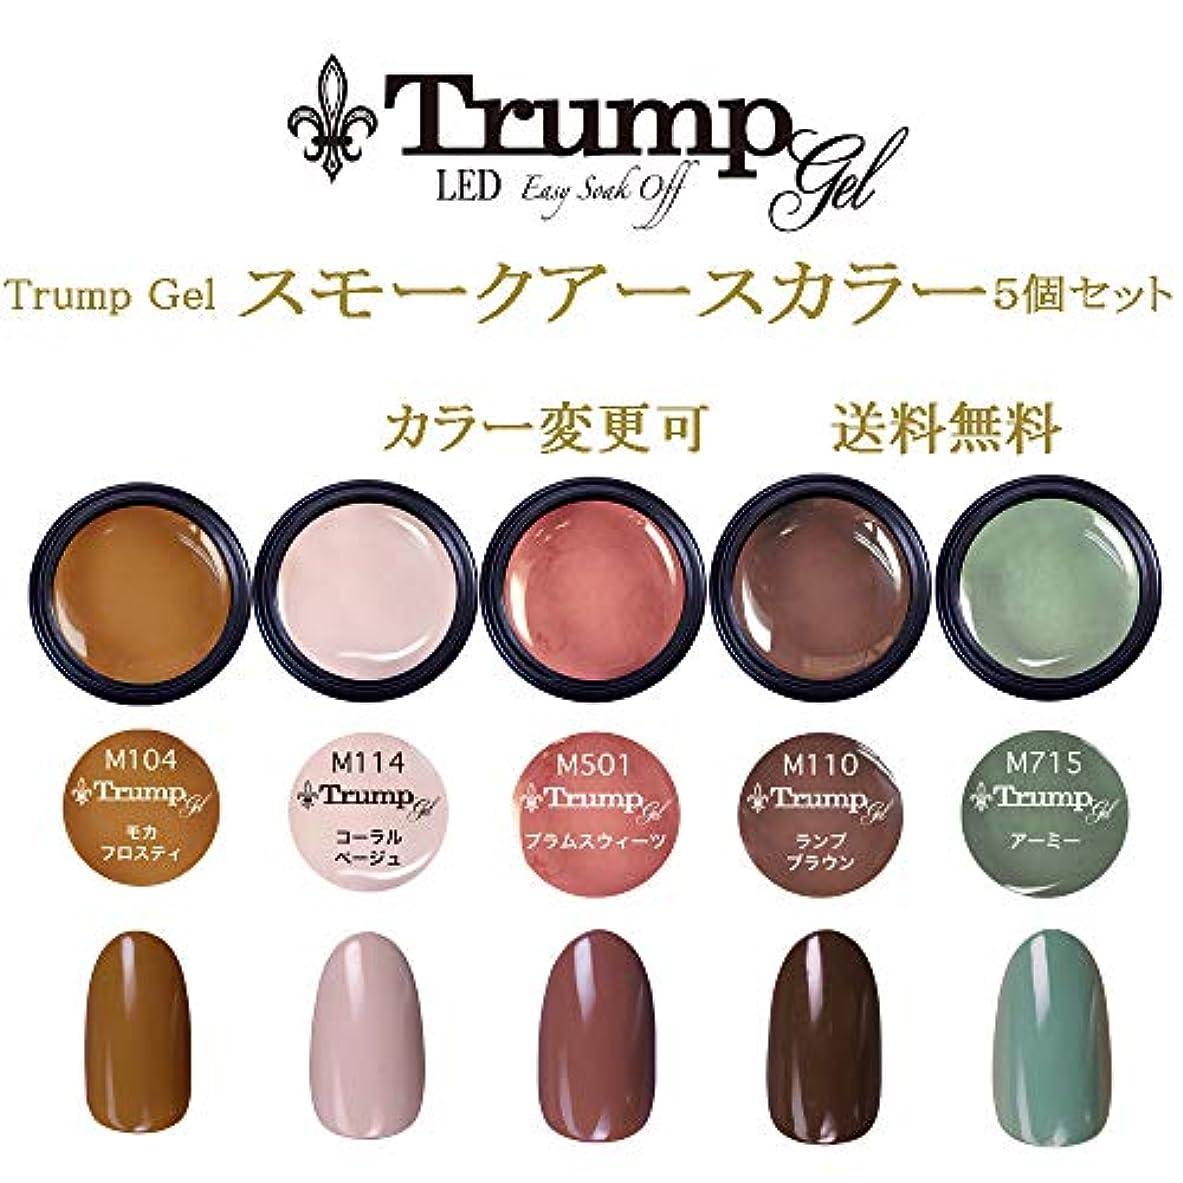 拘束する検索半ば【送料無料】日本製 Trump gel トランプジェル スモークアース 選べる カラージェル 5個セット スモーキー アースカラー ベージュ ブラウン マスタード カーキ カラー